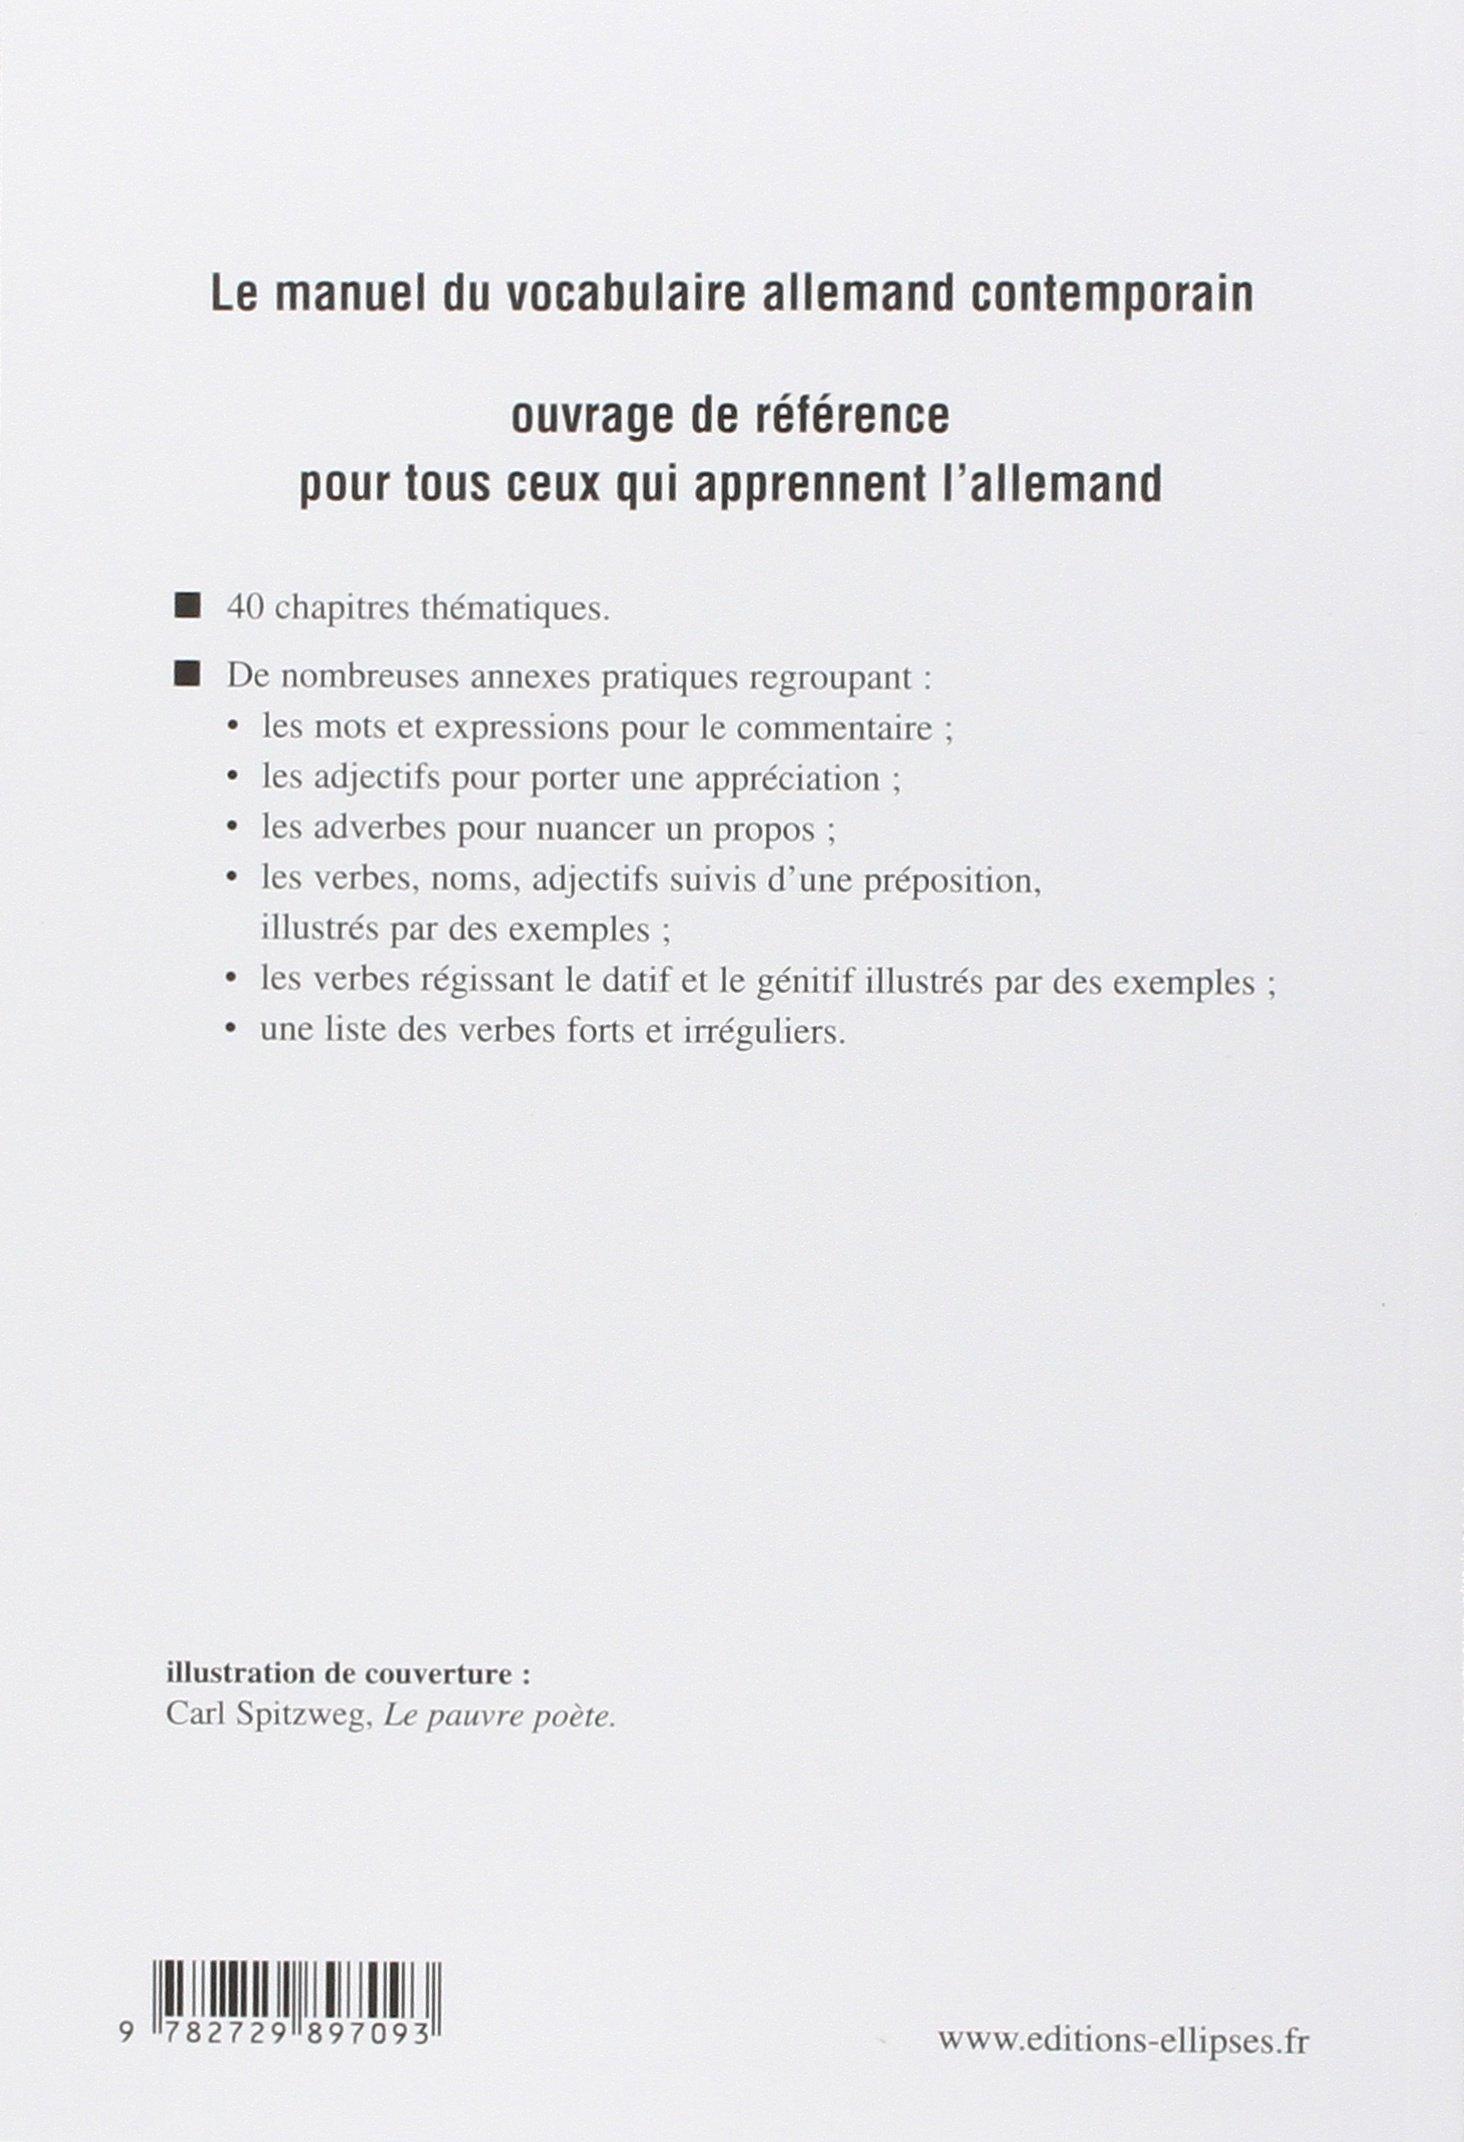 Du Mot A La Phrase Vocabulaire Allemand Contemporain Ɯ¬ ɀšè²© Amazon